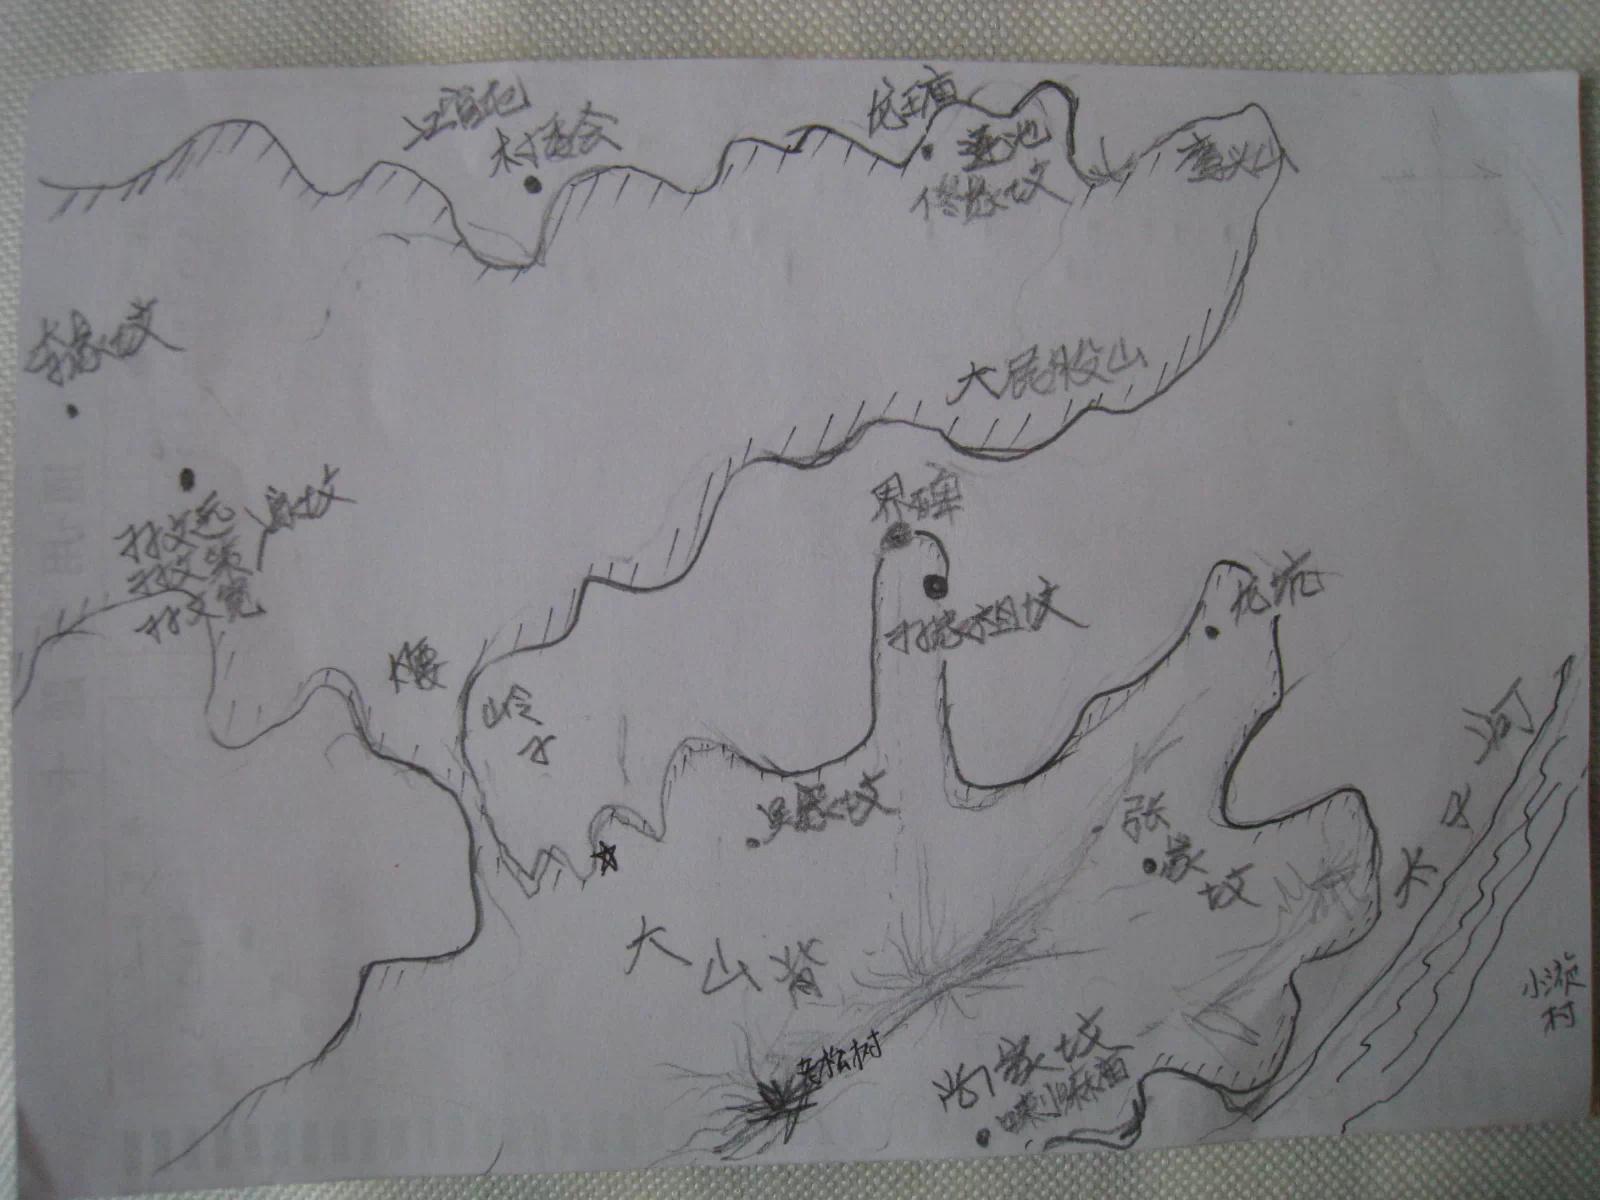 从以上资料可知: 1、此墓地是应登公后人修建的祖茔。应举公后人不在这里。 2、是從字辈立的碑,把这里定为祖莹。时间在康熙年间(1700年后)。 3、碑文中祖茔位置在襄平东六十里,有深意。 古辽阳县城址,本在太子河与浑河汇合处(现今与辽中县交界之小北河),因浑河有小辽水之称号,城在水北,故名辽阳。襄平本是辽东首府的古名,久已不用。取此名,一定是有历史、文化知识的人。 元代称辽阳路附依郭县。明朝时,此城为辽东都指挥使司府城,通称辽东城。1621年,后金努尔哈赤占领辽东之后,改建东京城;顺